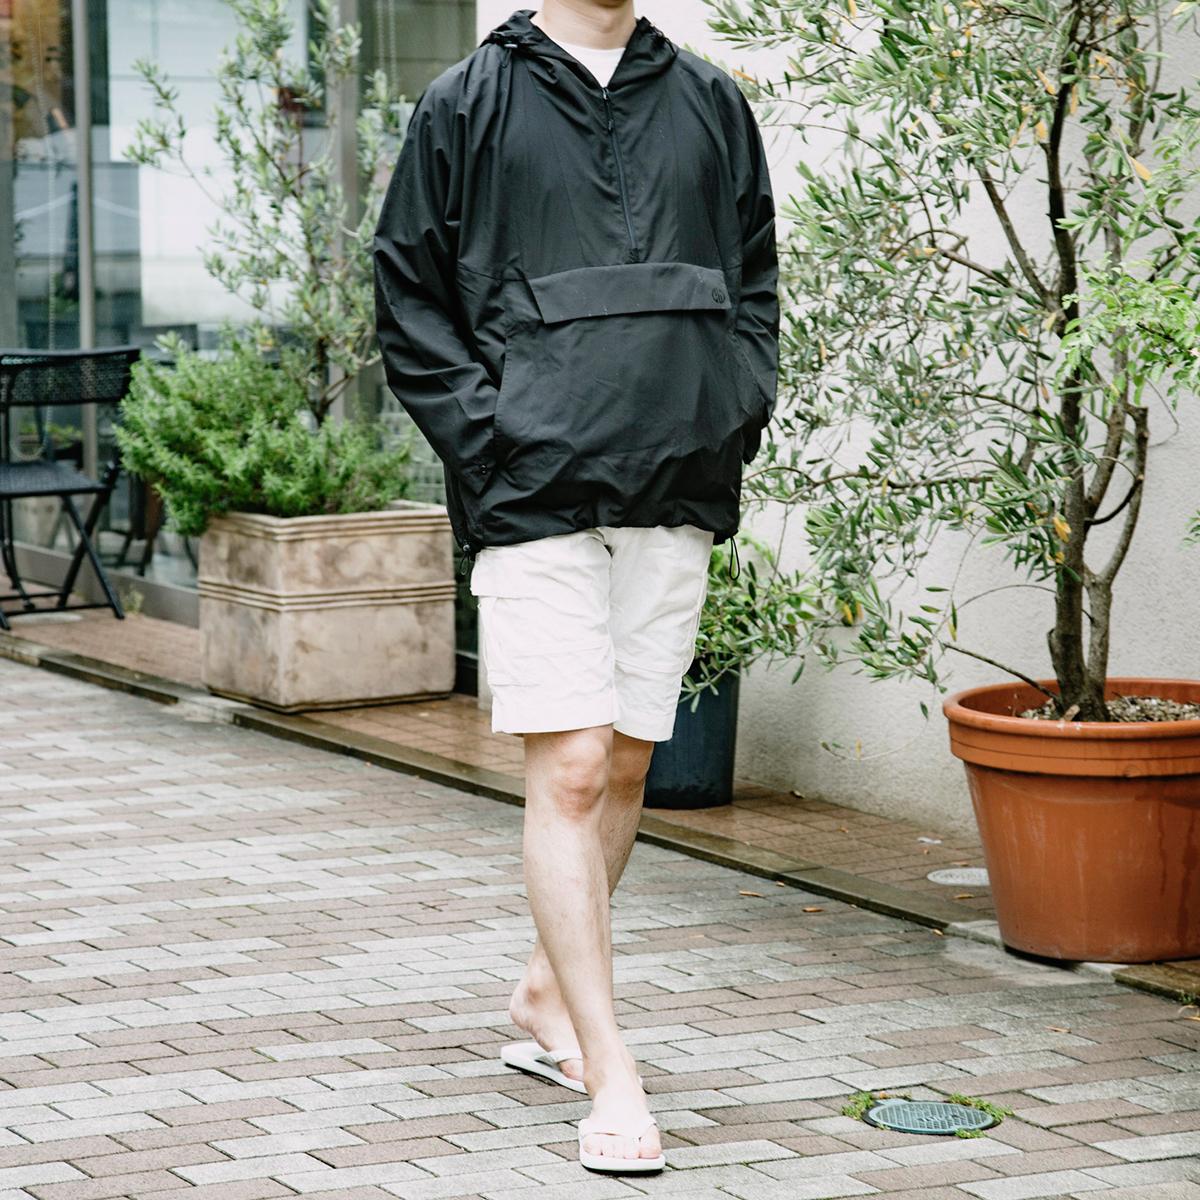 男性も女性も着られるユニセックスデザイン(レディース・メンズ)|日中はサコッシュ、肌寒い朝晩はアウターに!水滴が滑り落ちる高撥水素材の「バッグ一体型パーカー」| SANYO ENJIN